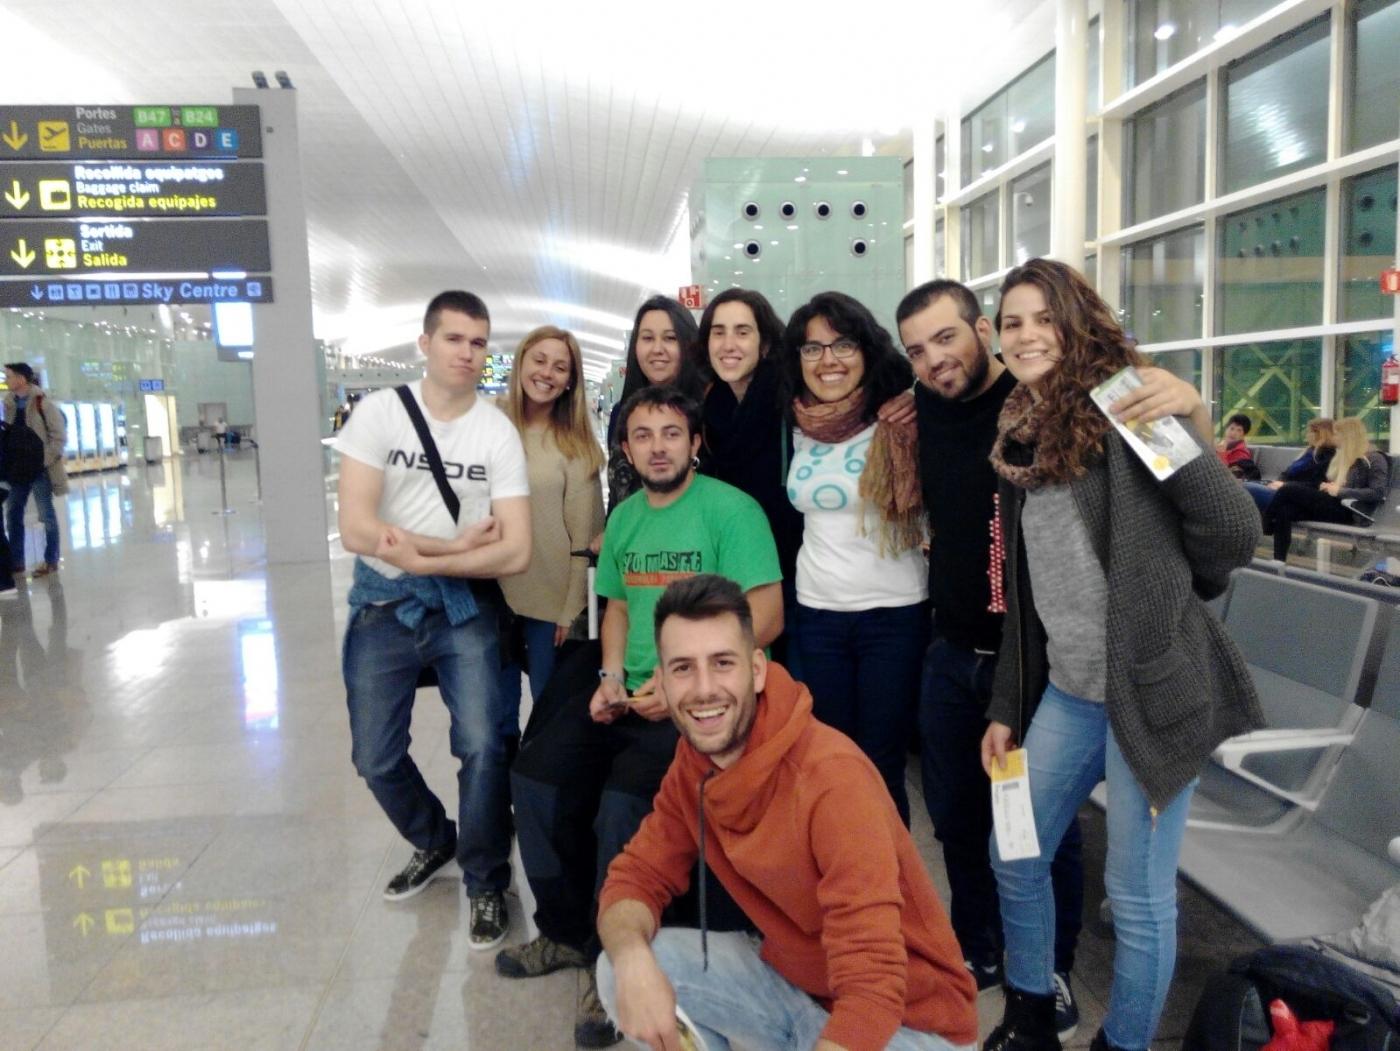 Joves catalans es formaran a través de pràctiques en empreses gràcies al programa Mobilicat que gestiona l'Associació Alba